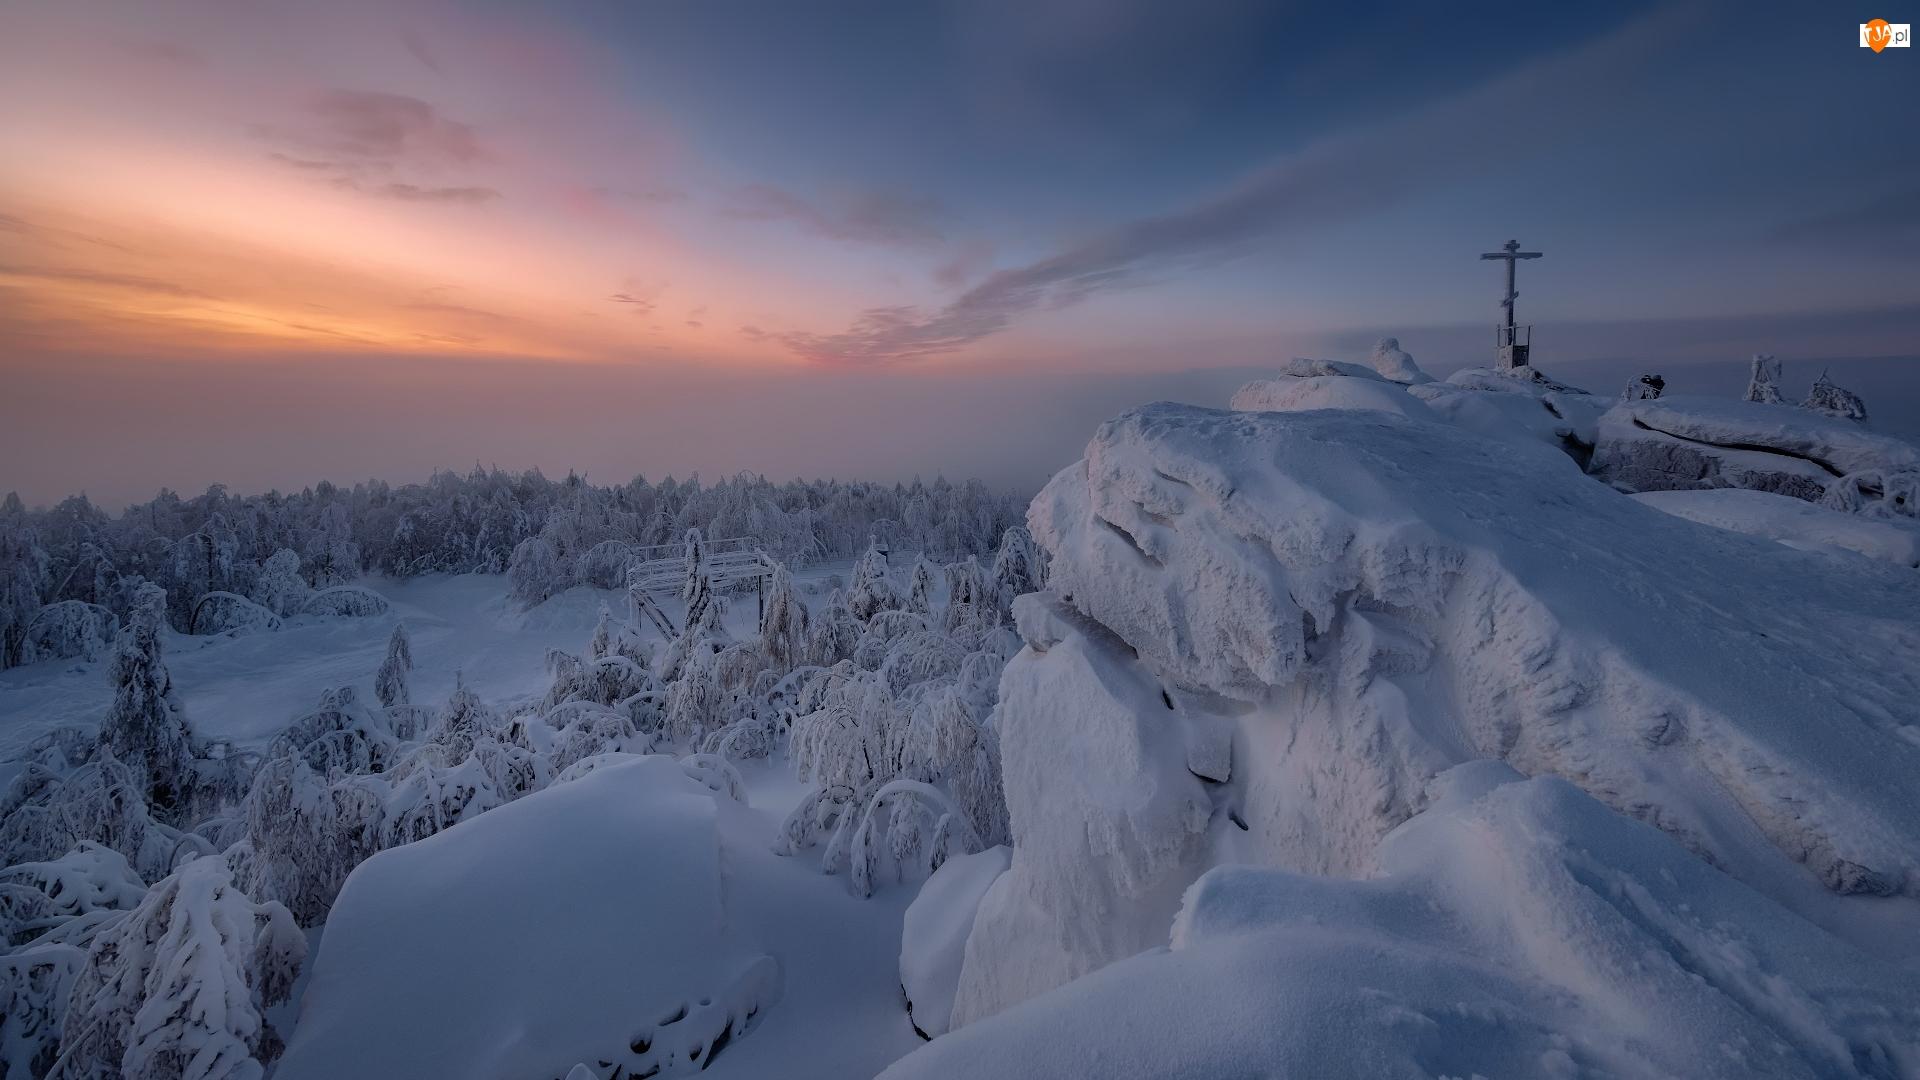 Wschód słońca, Szczyt, Rosja, Zima, Kraj Premski, Góra Krestovaya, Krzyż